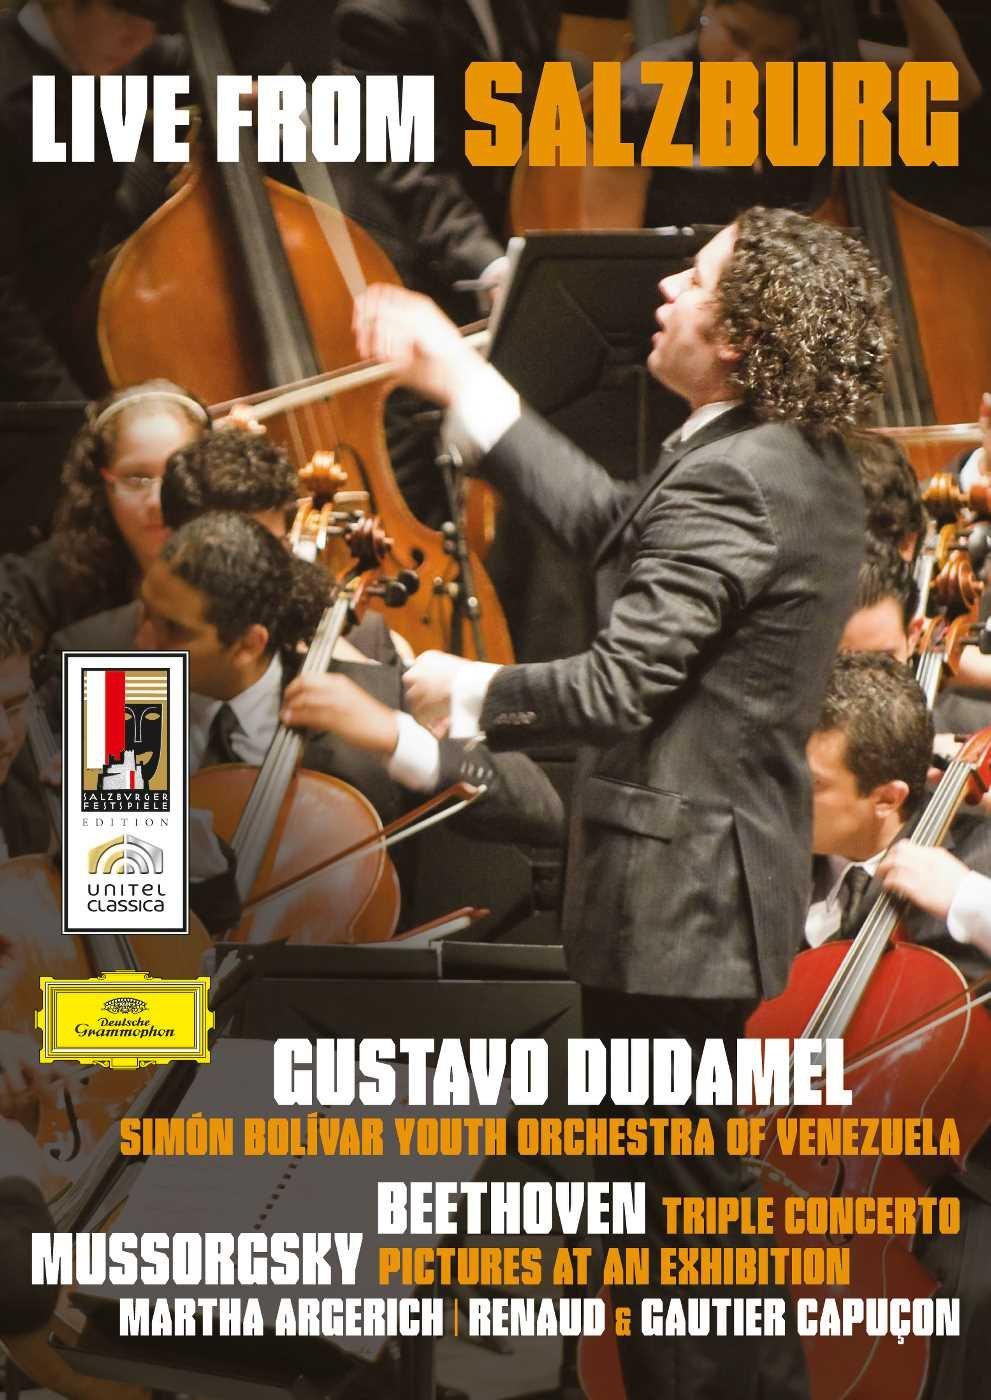 Gustavo Dudamel: Live from Salzburg - Beethoven/Mussorgsky by Deutsche Grammophon